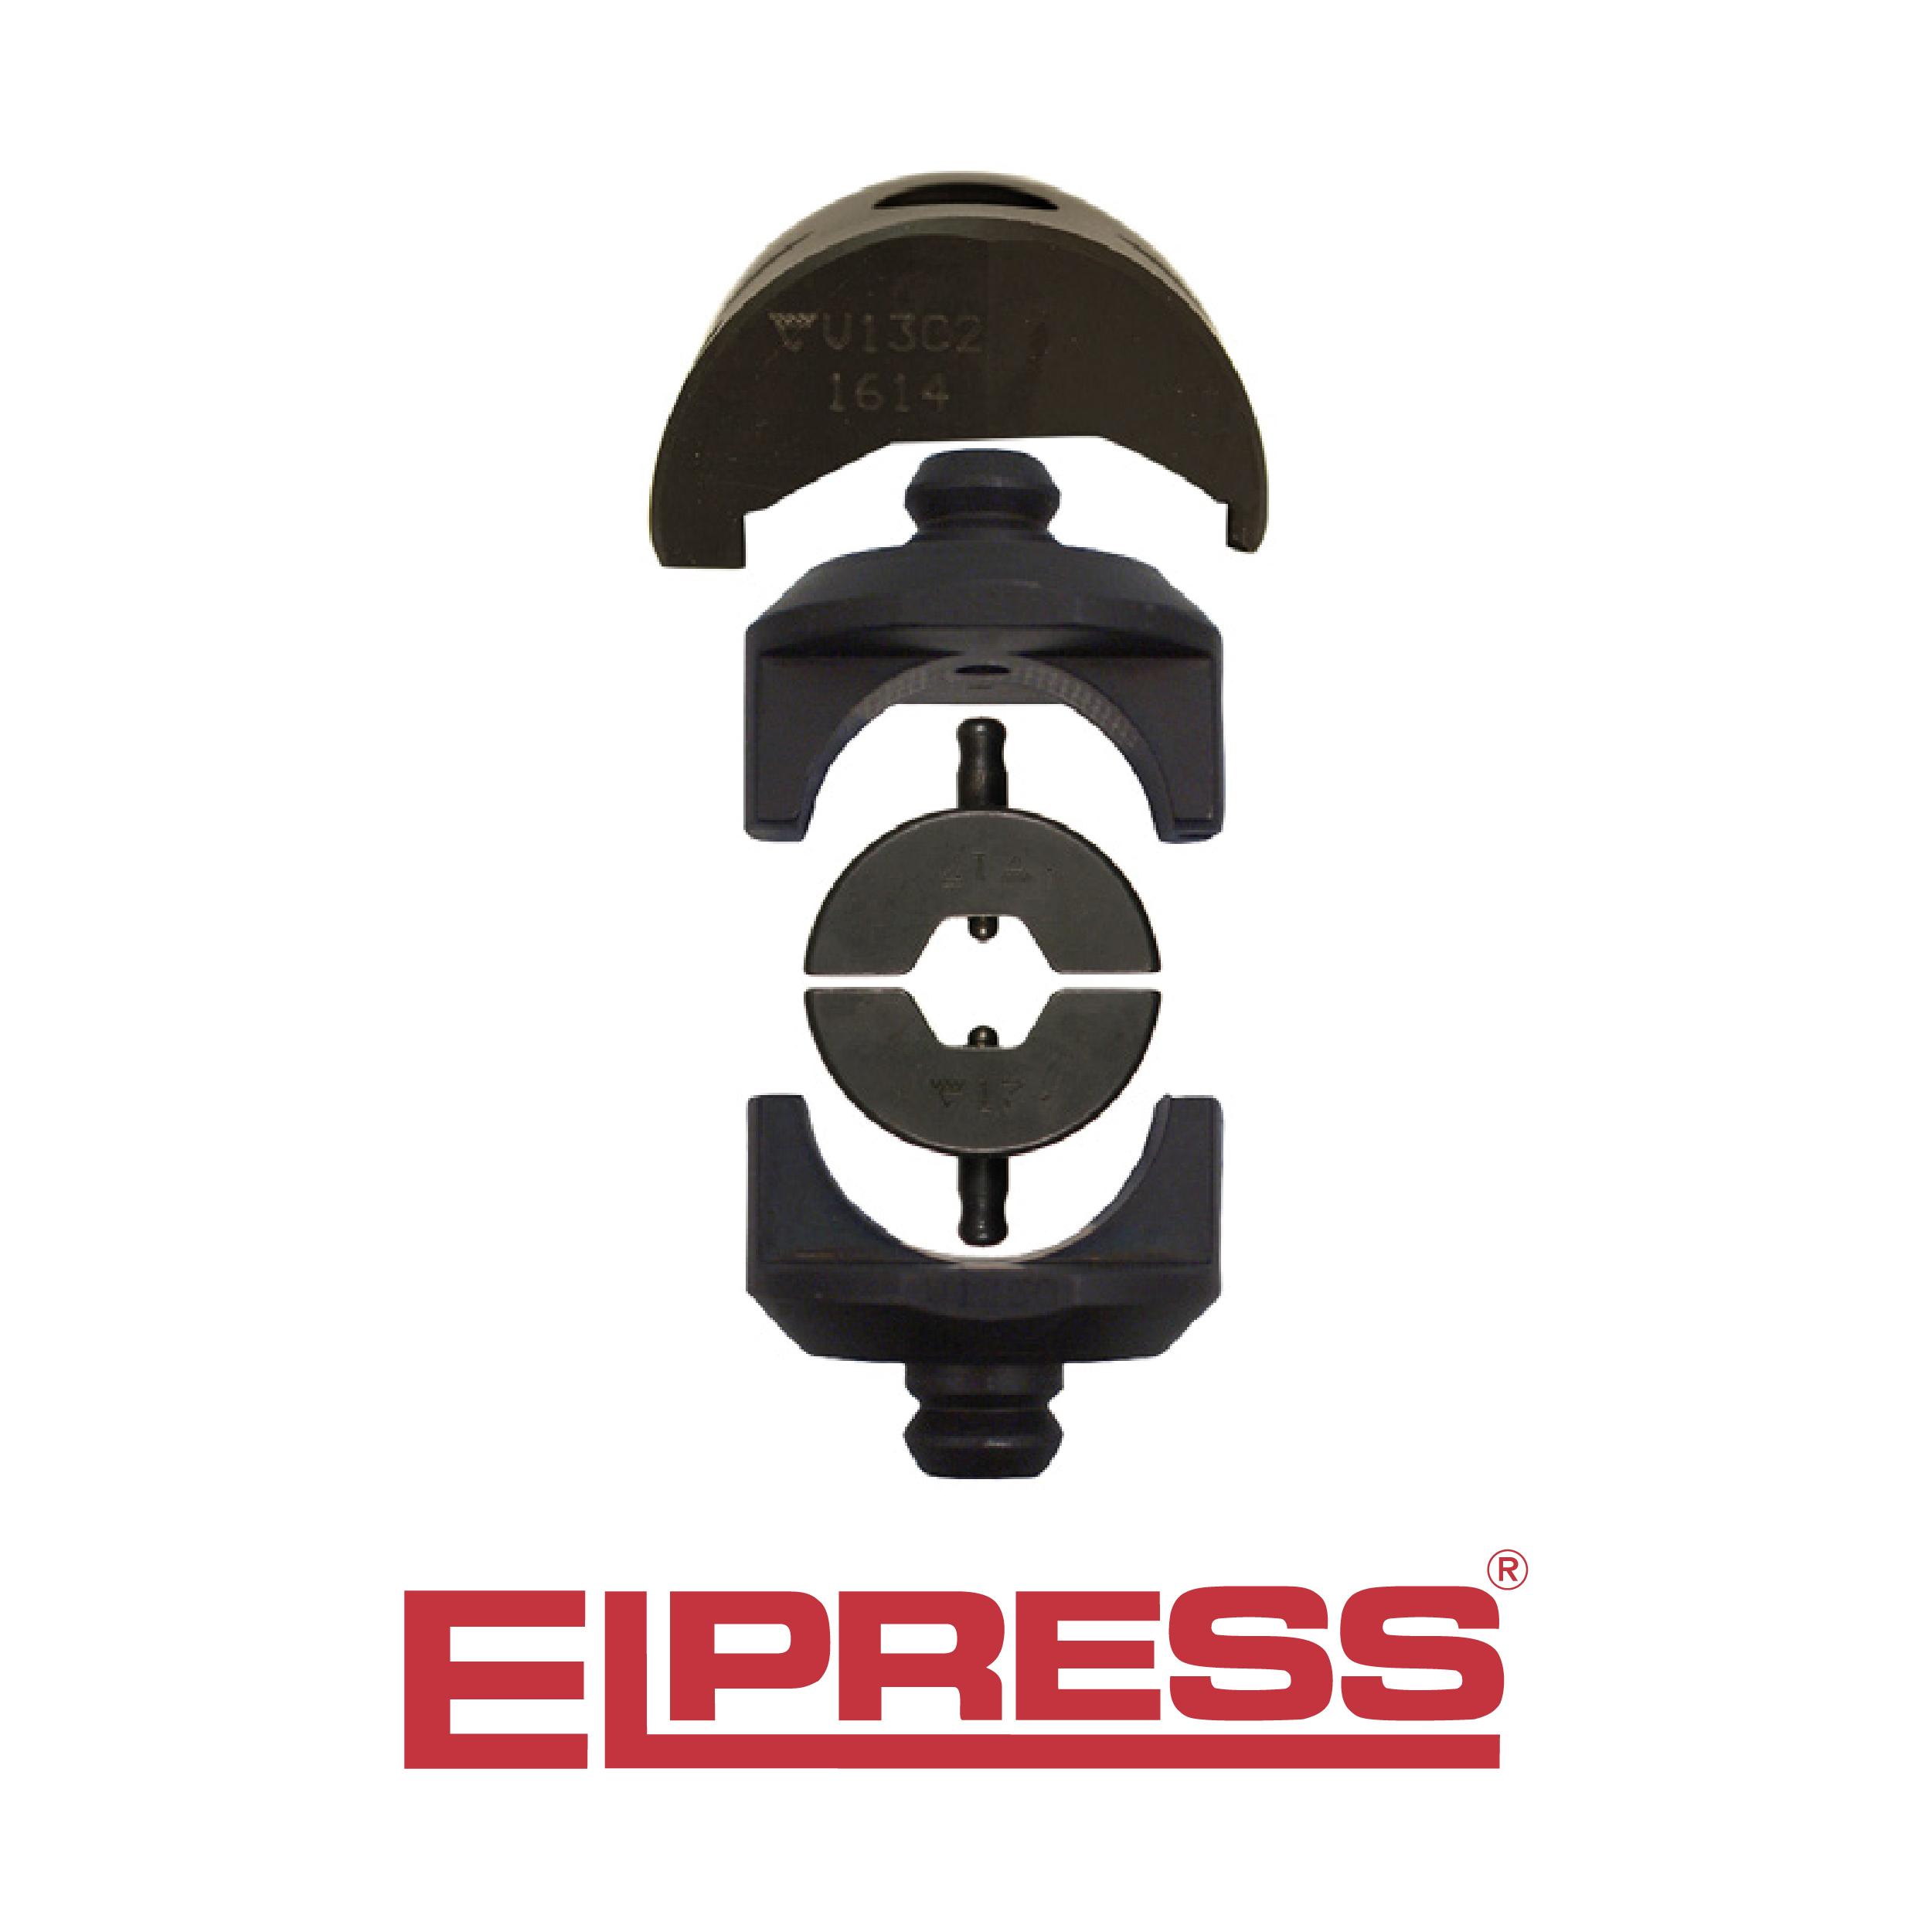 Elpress-Die-Holder-V1330-B-Dies-Set-Pair-Used-With-Die-Holder-V13C2